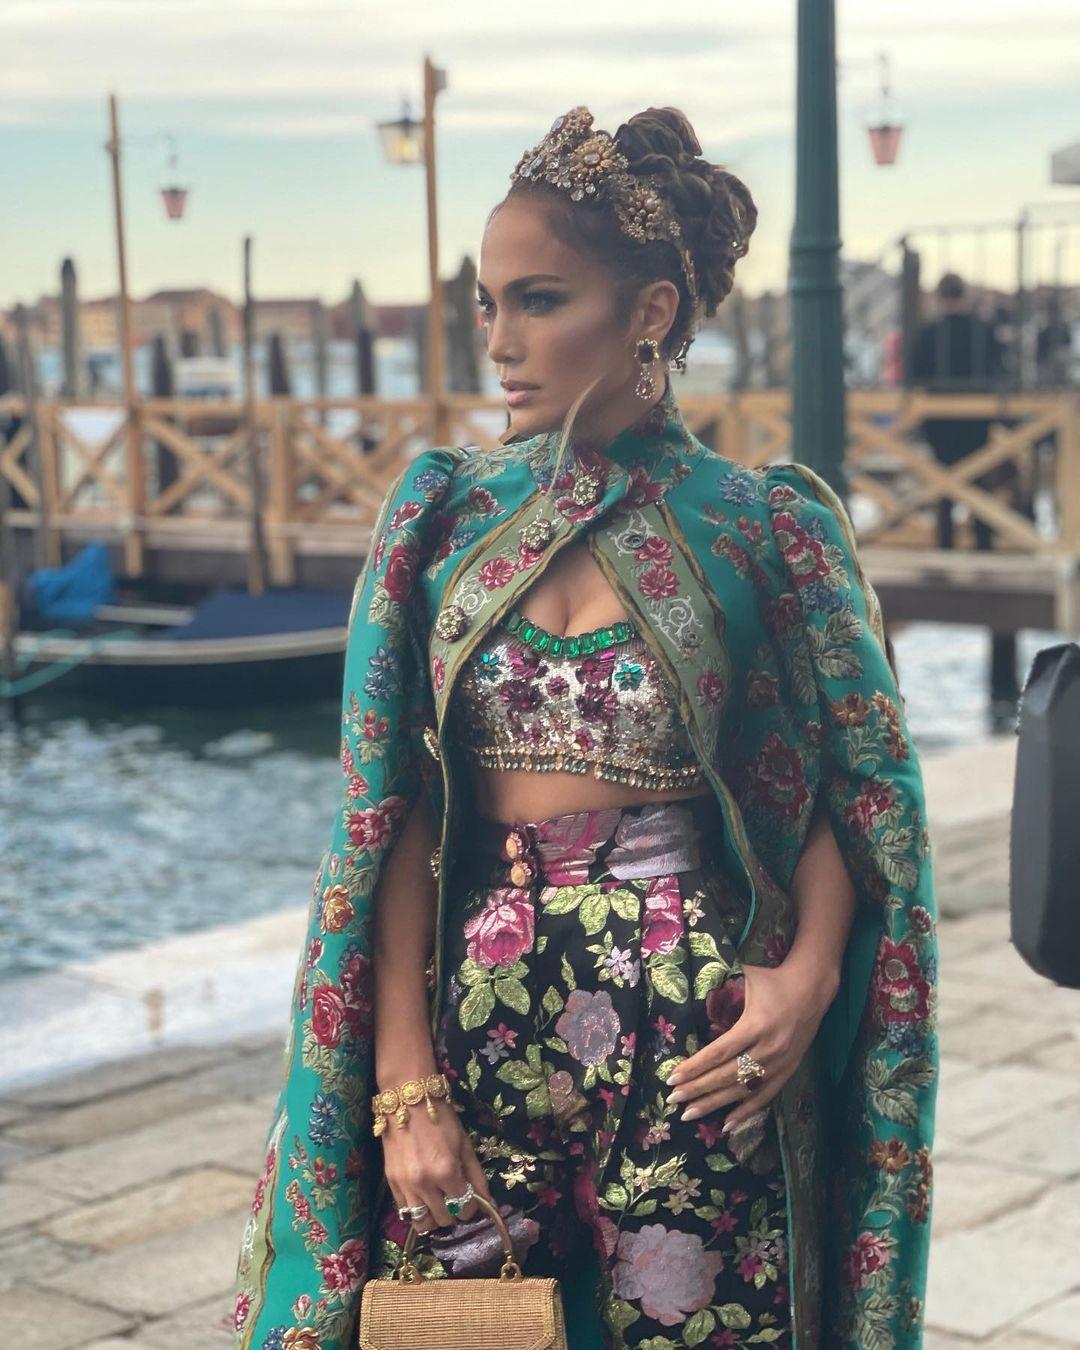 В короне и бриллиантах: Дженнифер Лопес выбрала царский образ для показа Dolce & Gabbana